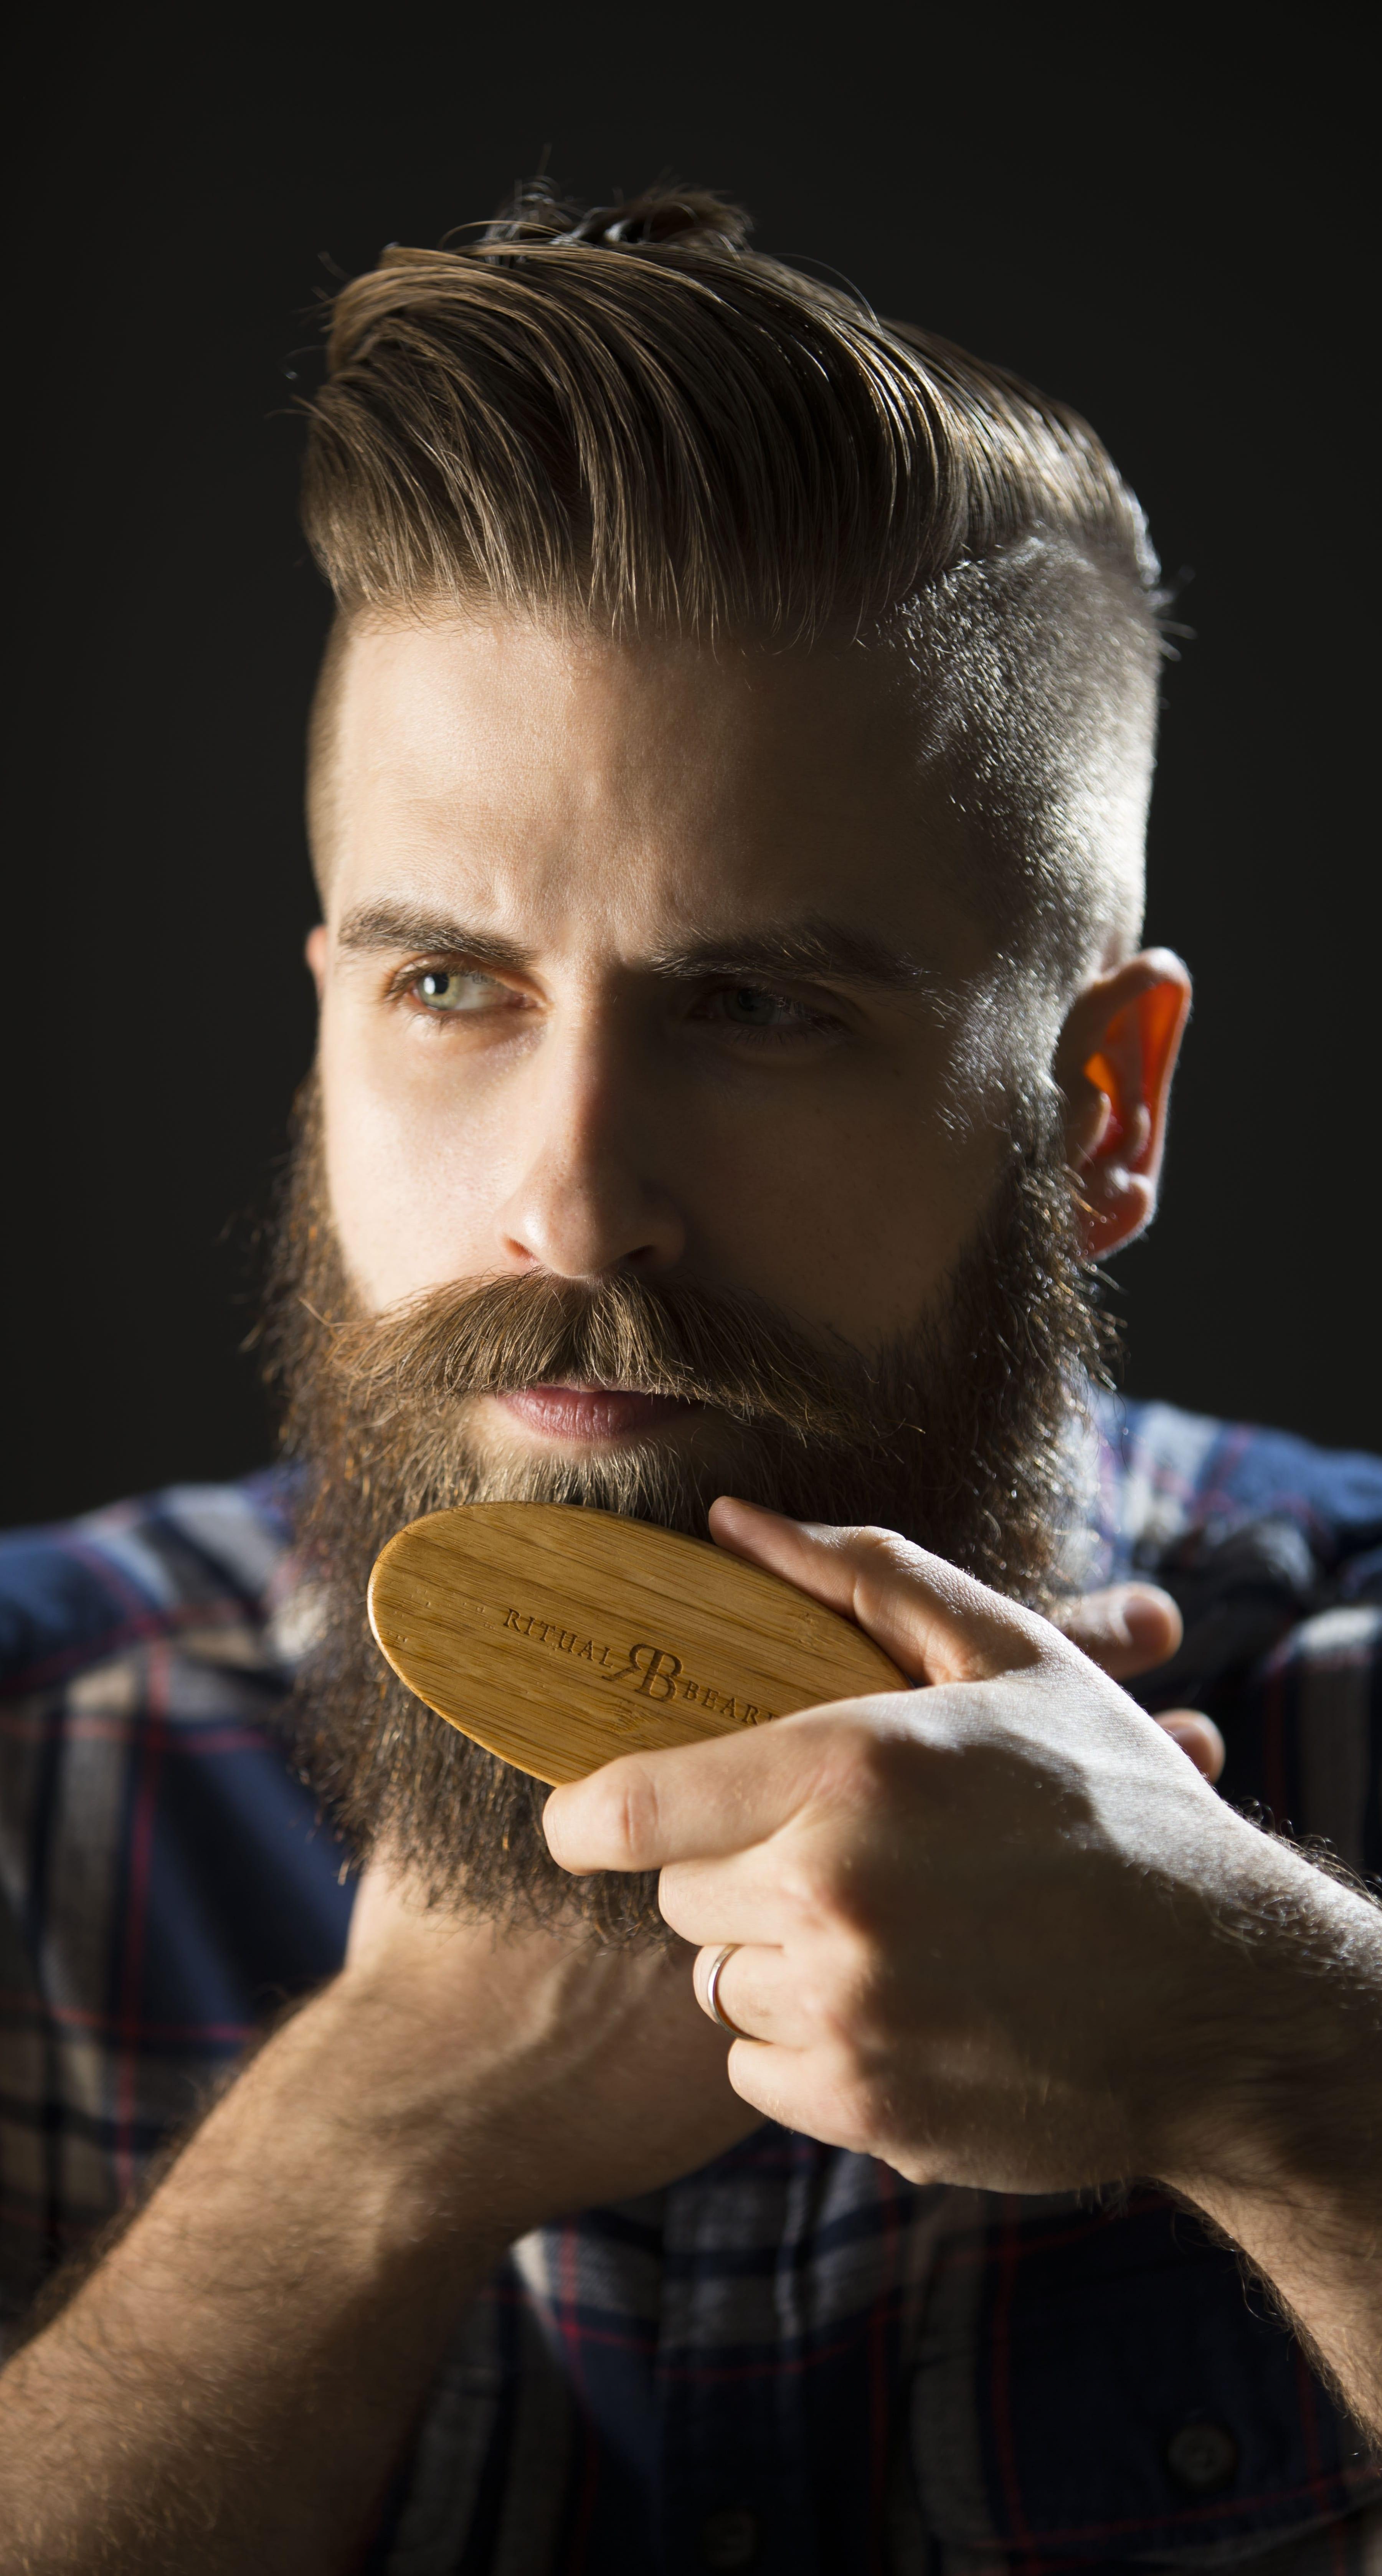 Boar Bristle Beard Brushes For Menhttps://images-na.ssl-images-amazon.com/images/I/71EF5LLgcpL._SL1500_.jpg